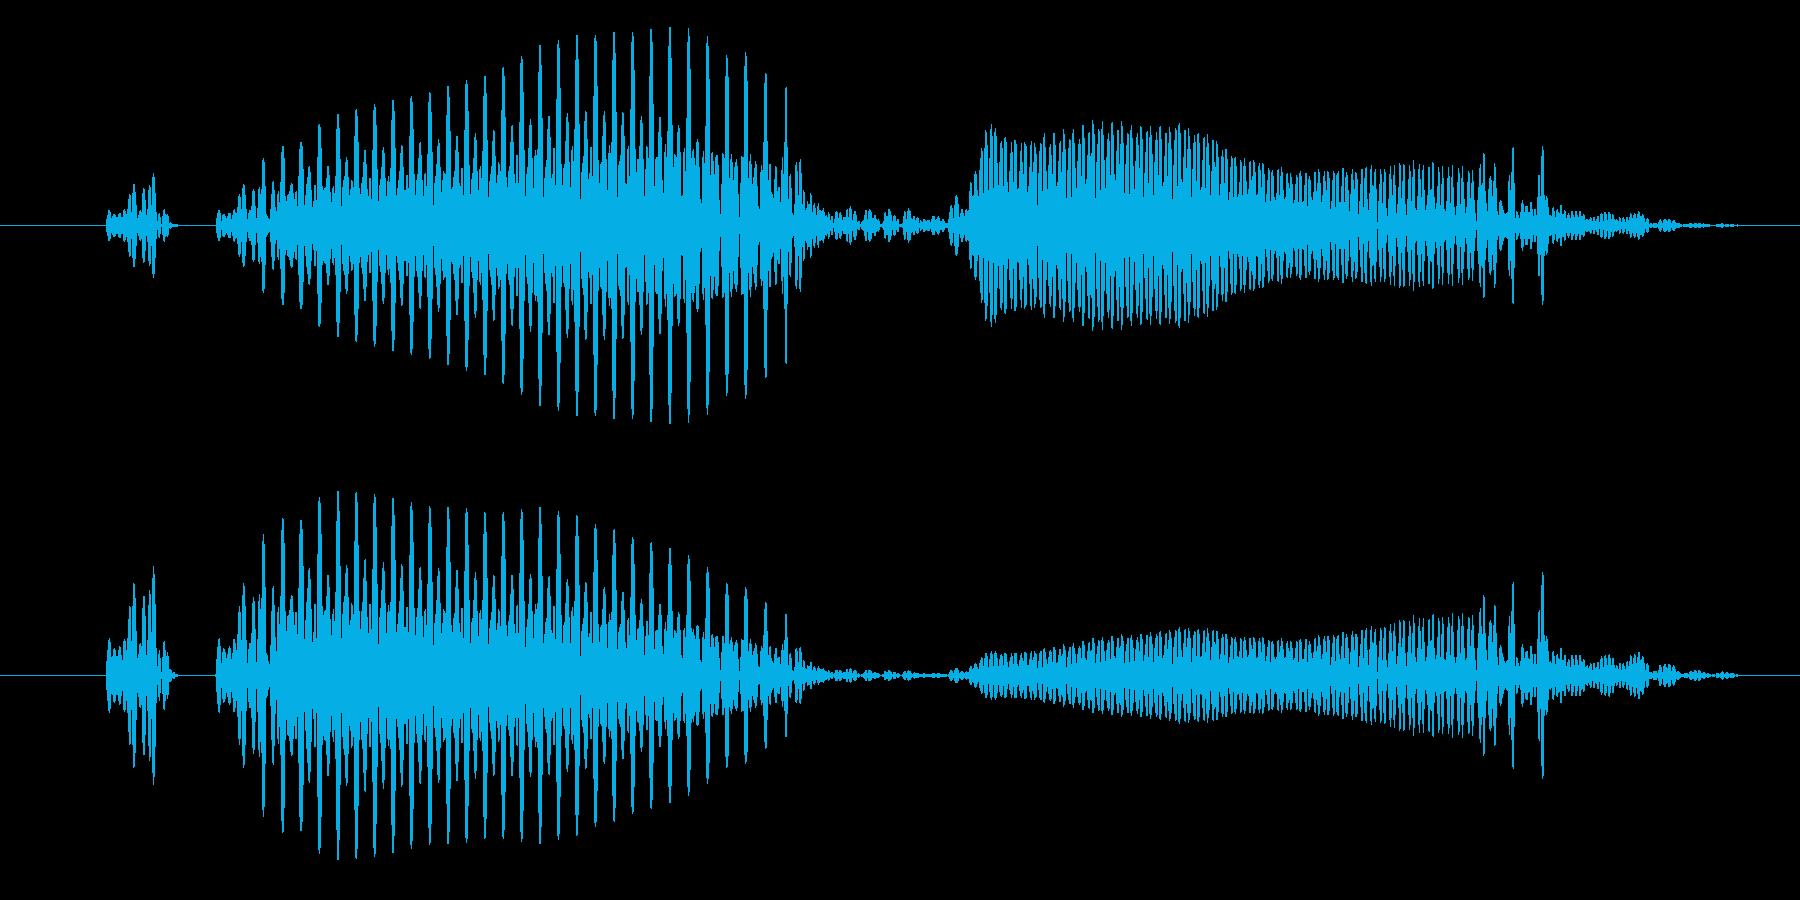 「ウホっ」コミカルで間抜けな演出に最適!の再生済みの波形